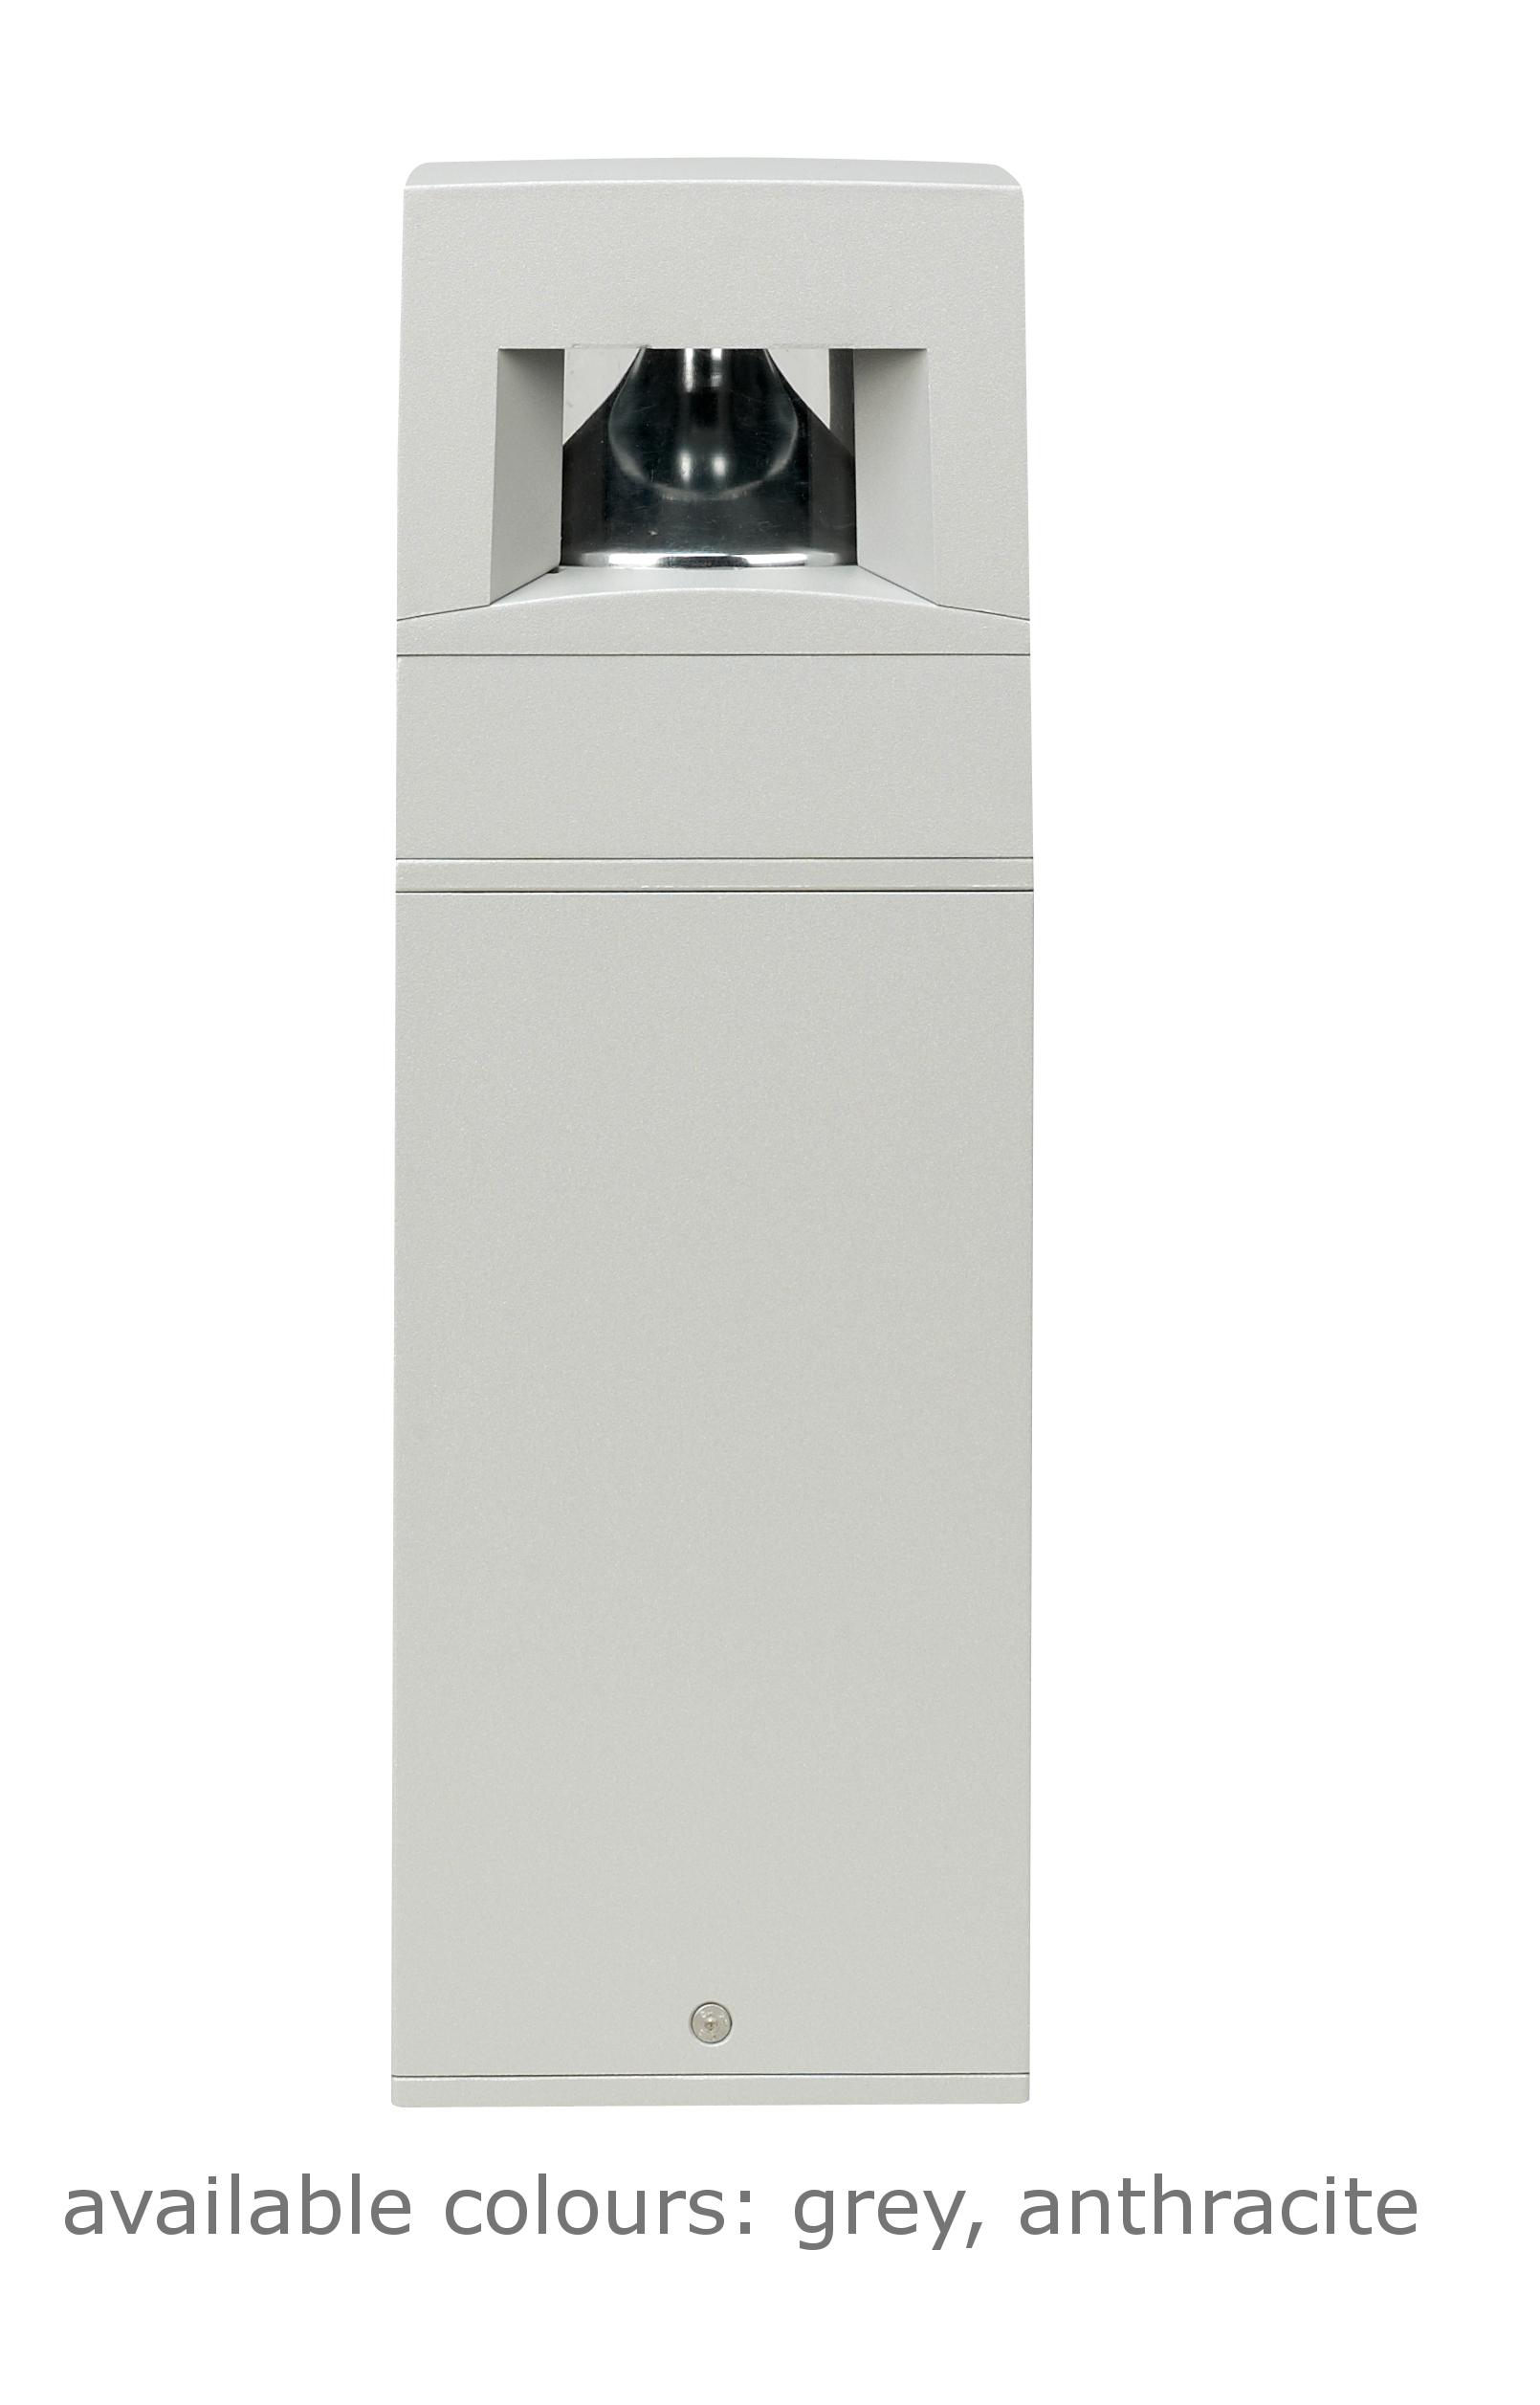 1 Stk PATH POLE 50cm 360° 8x1W LEDS, 40° 4000K RAL9006 LI6PT2192A